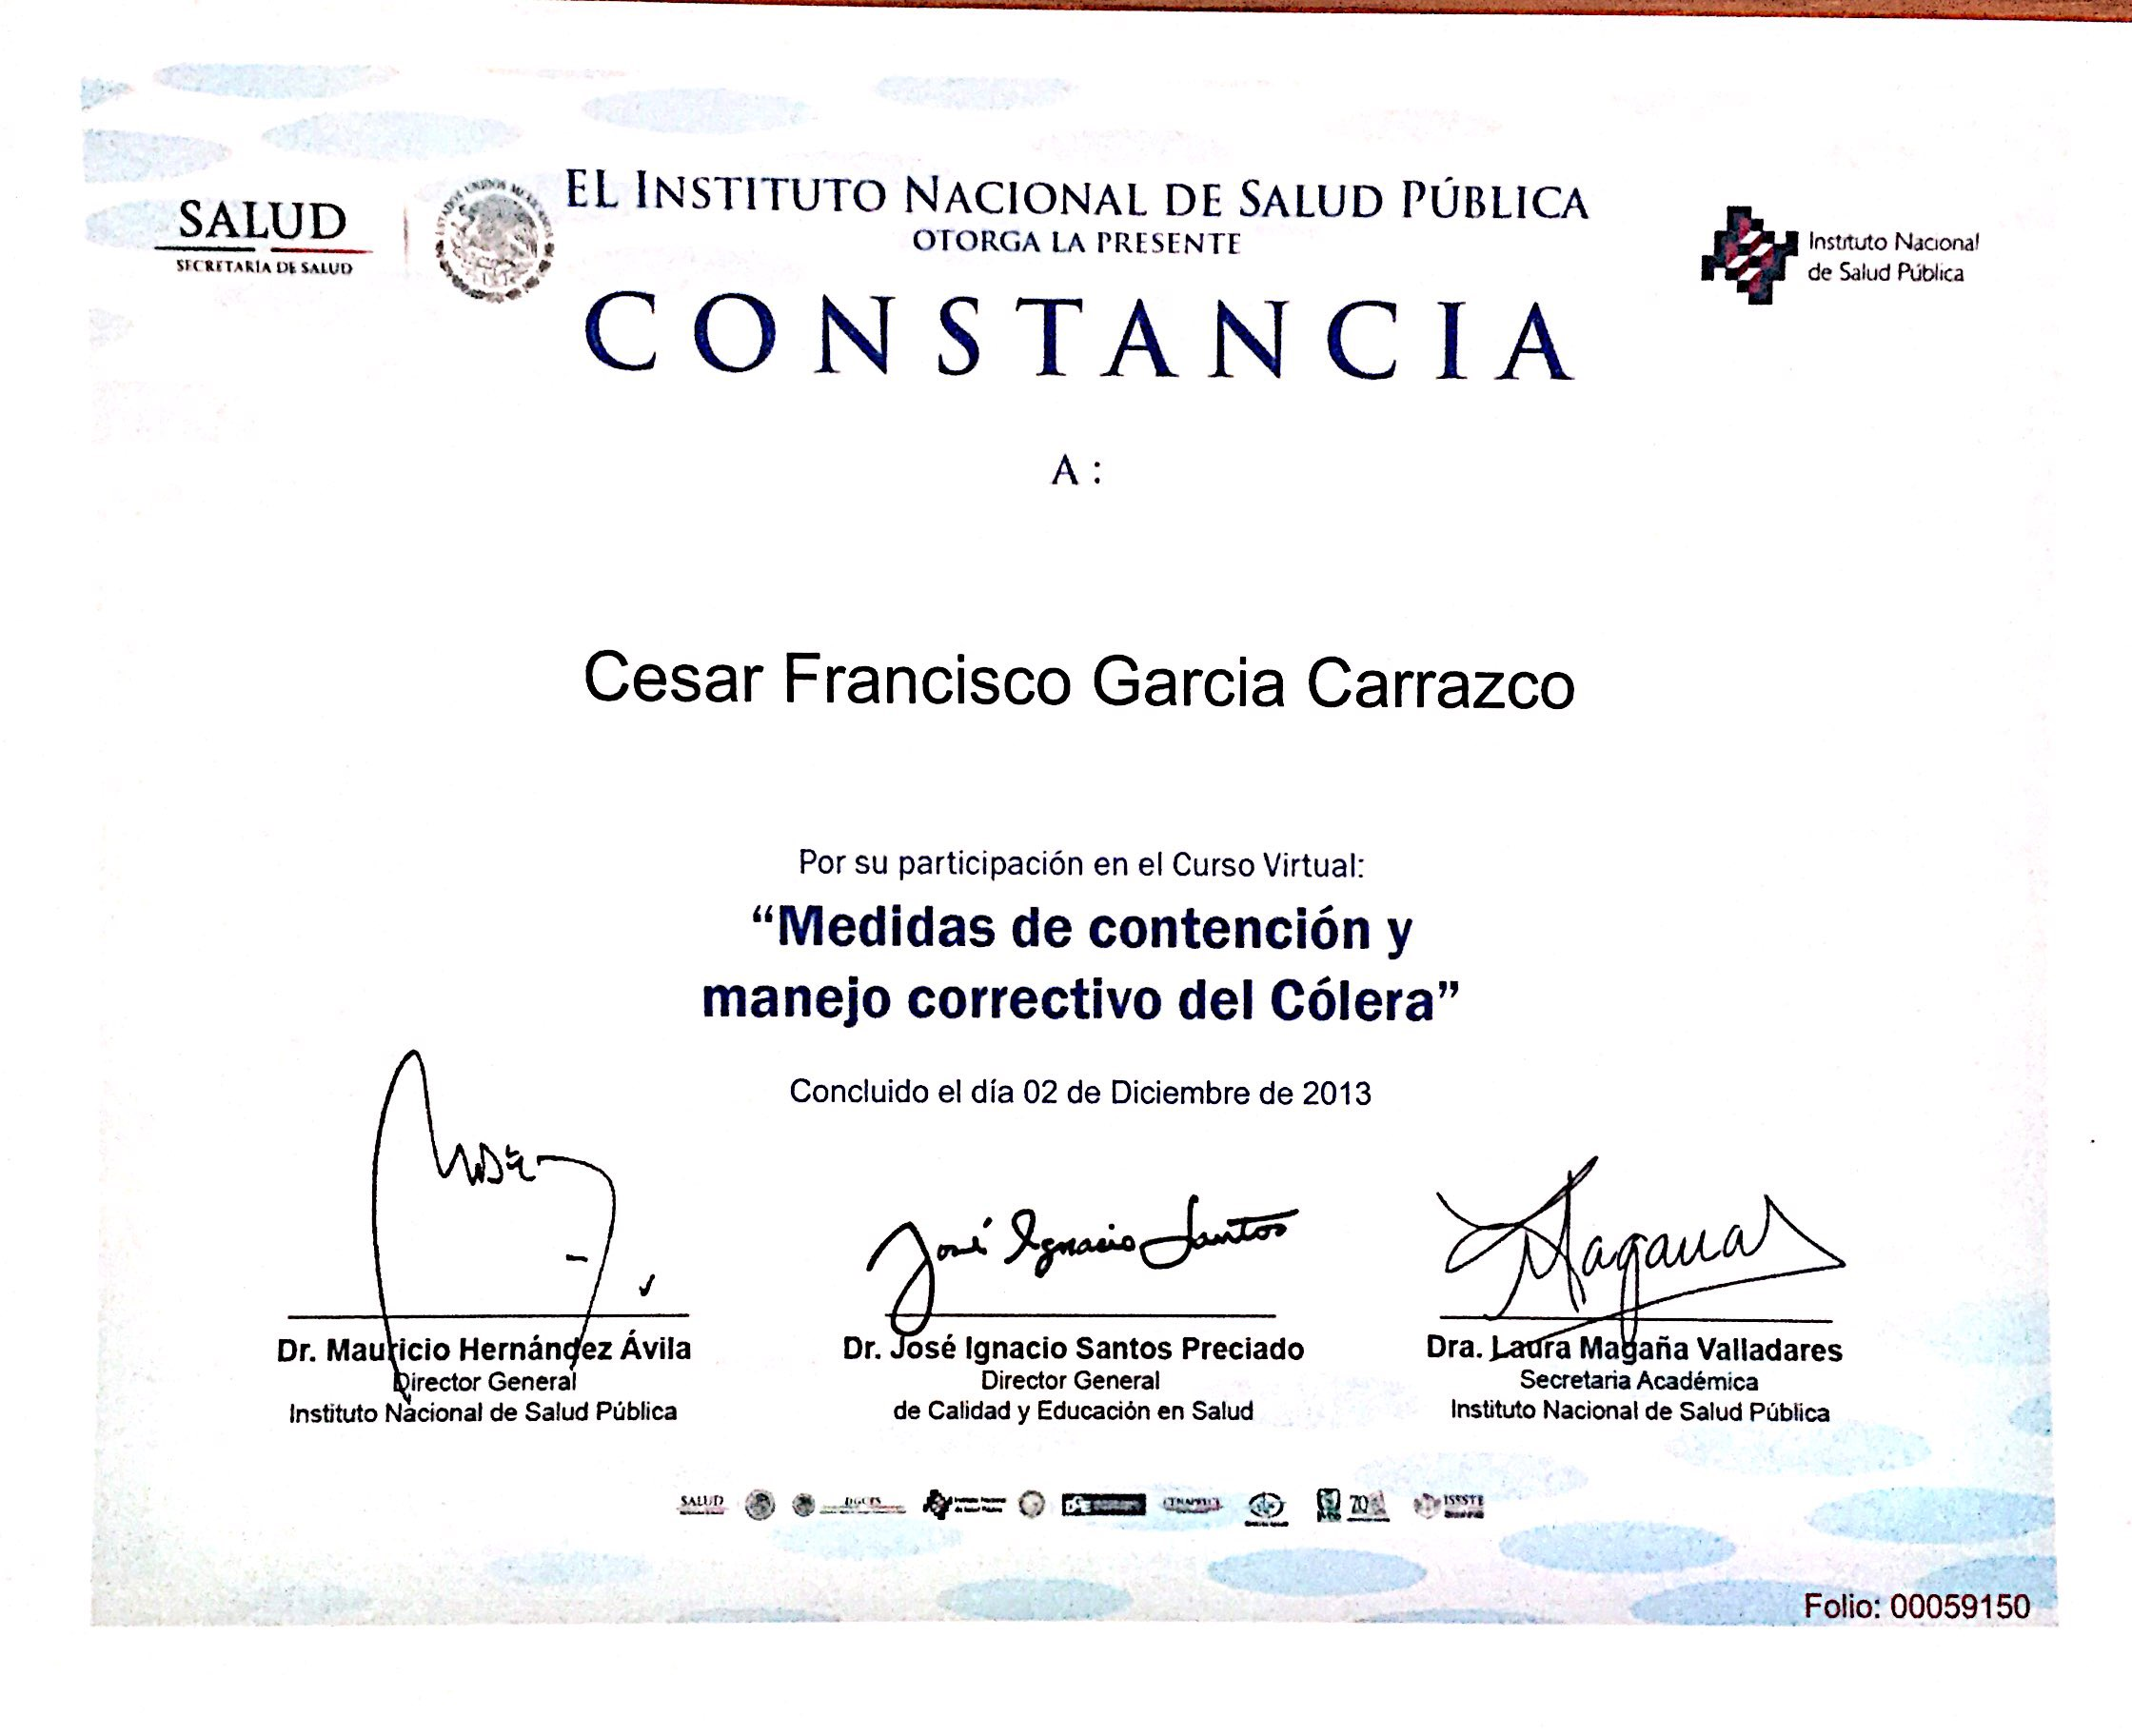 Dr. Garcia Carrazco_93